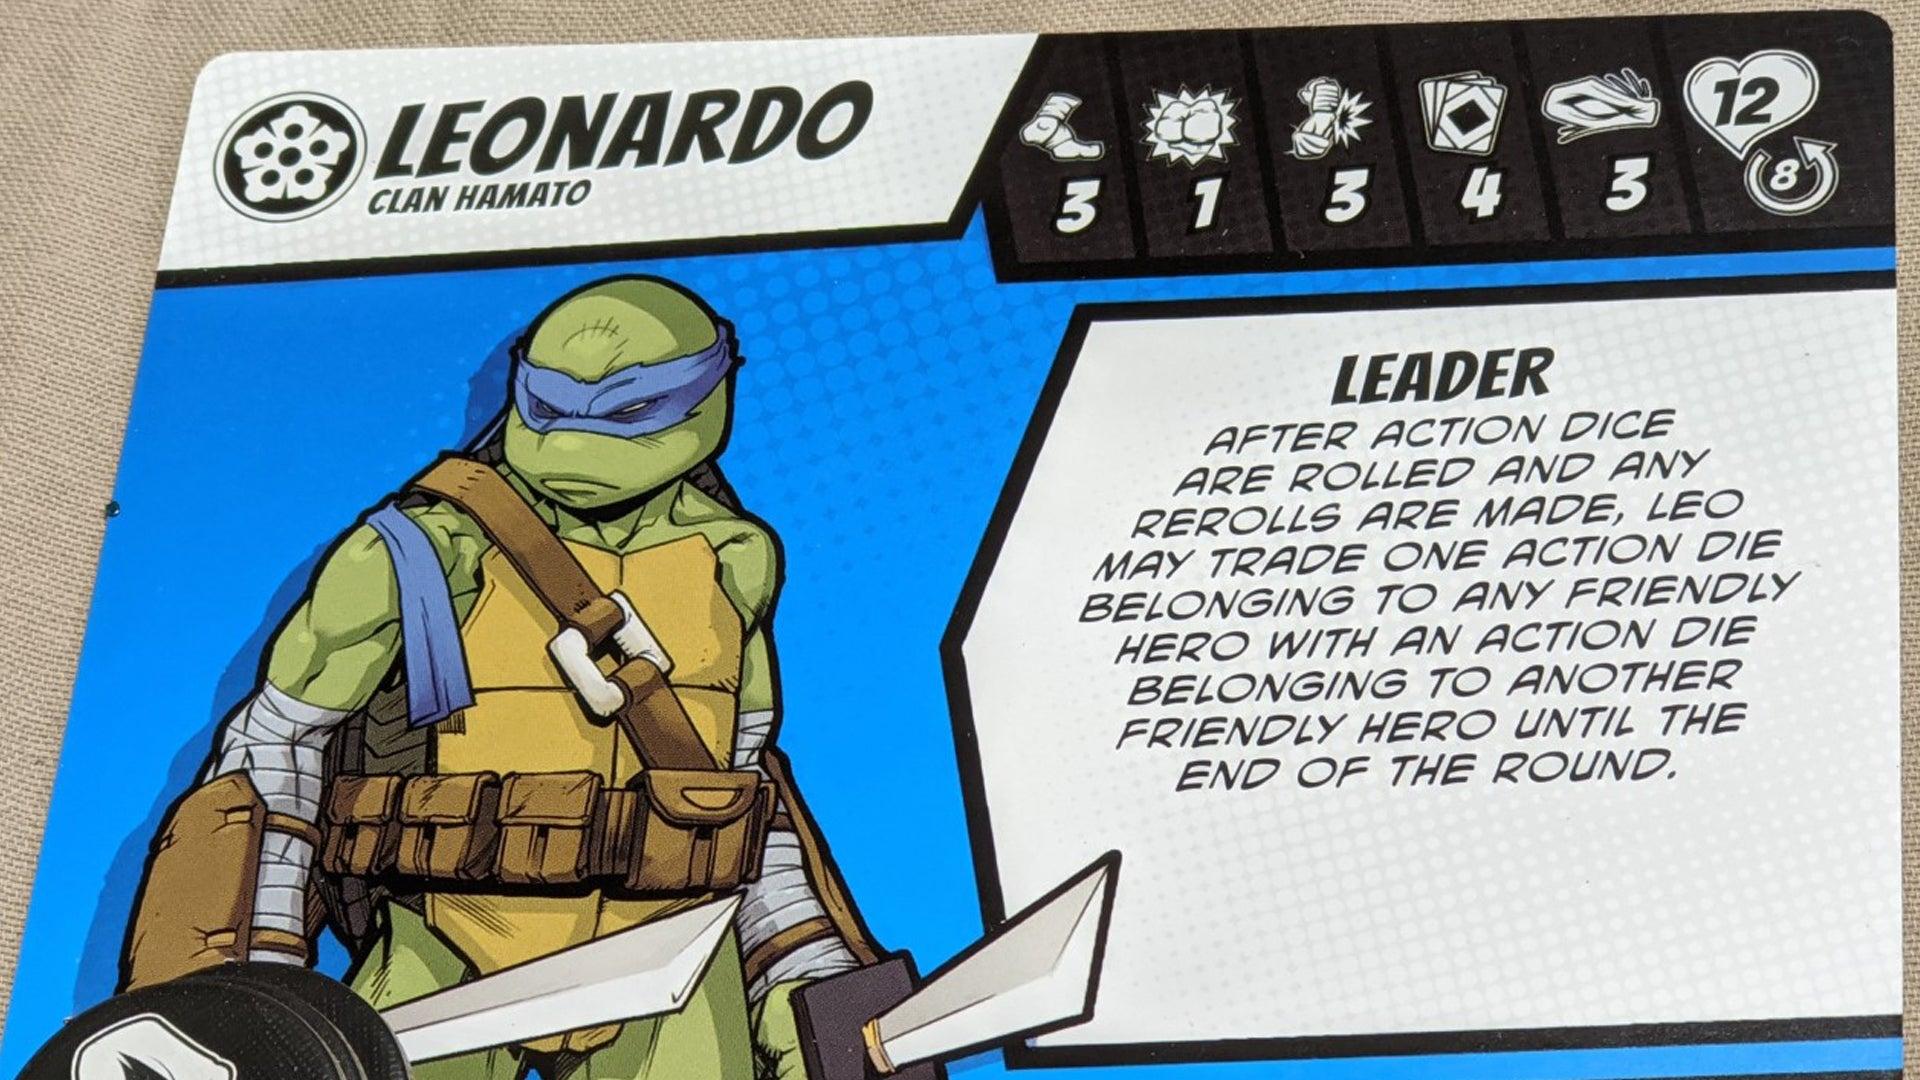 teenage-mutant-ninja-turtles-adventures-board-game-leonardo.jpg